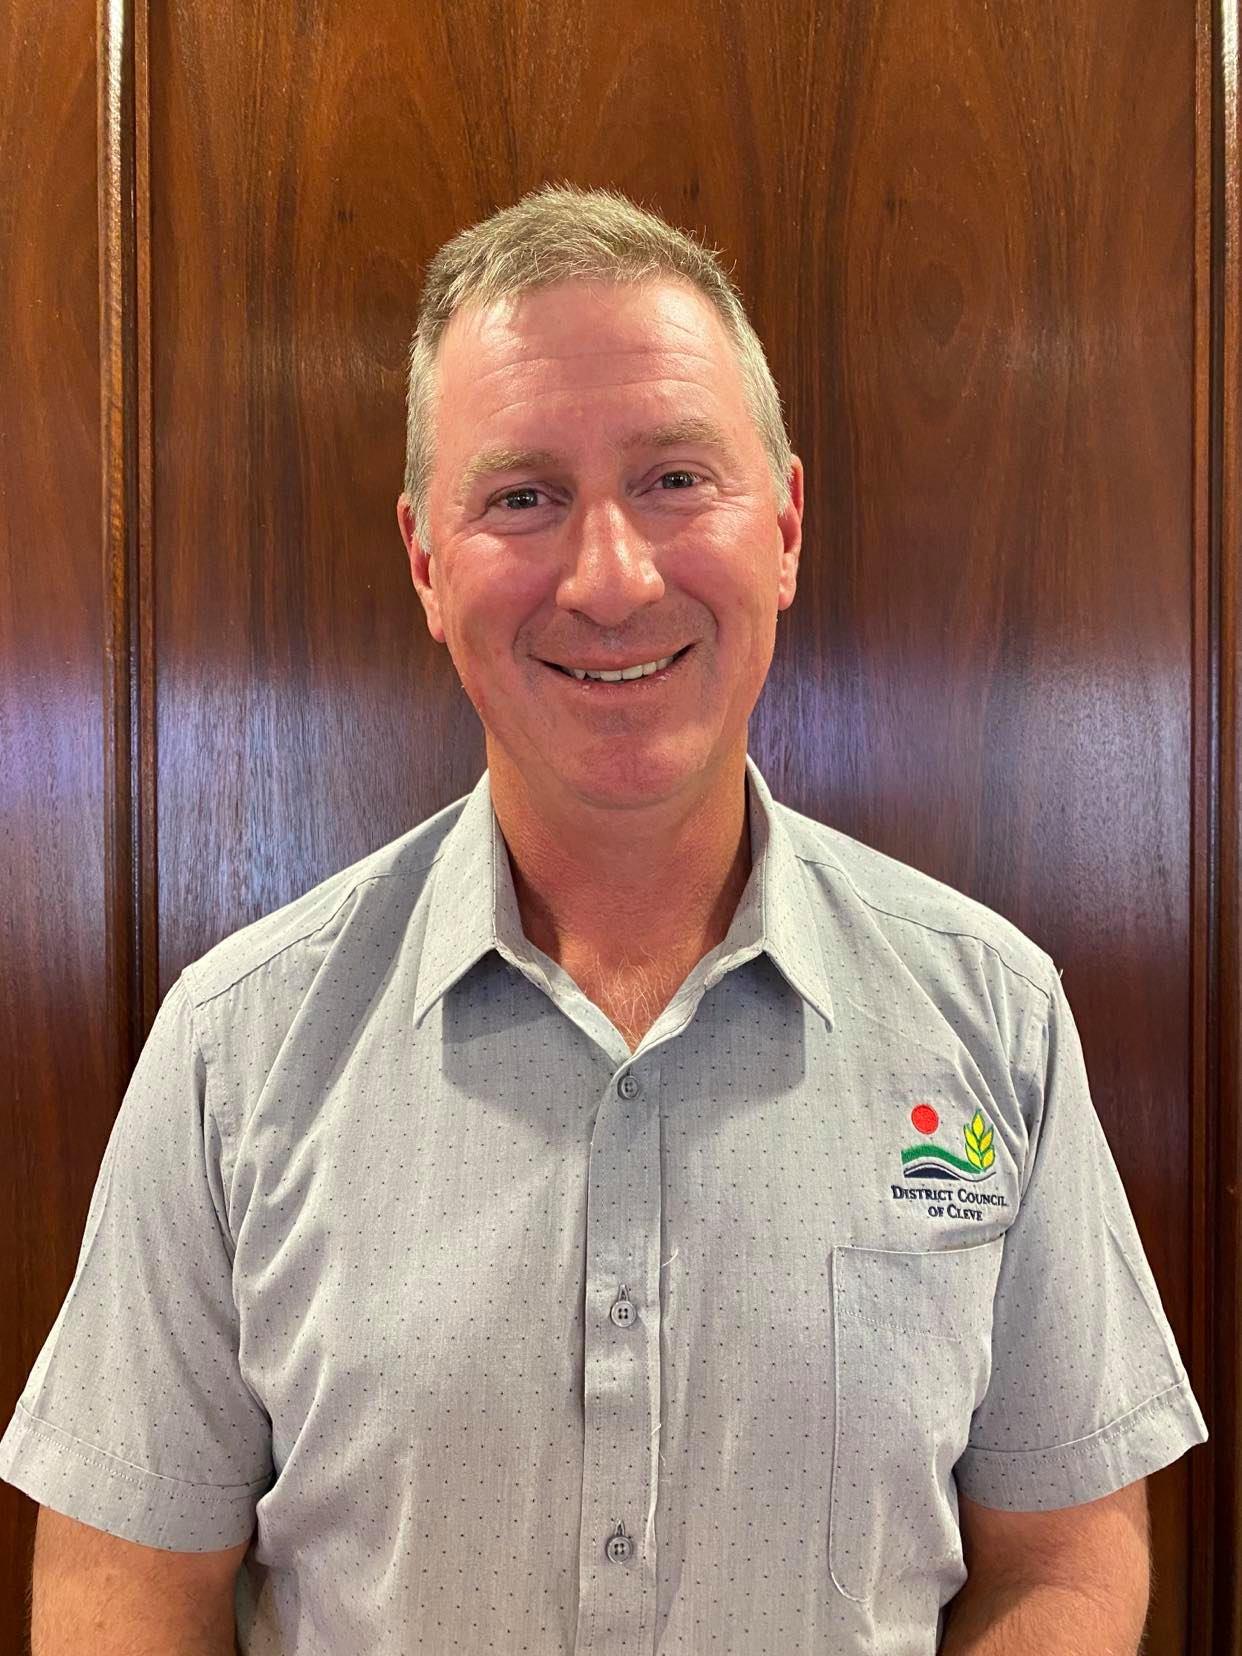 Councillor Greg Cook